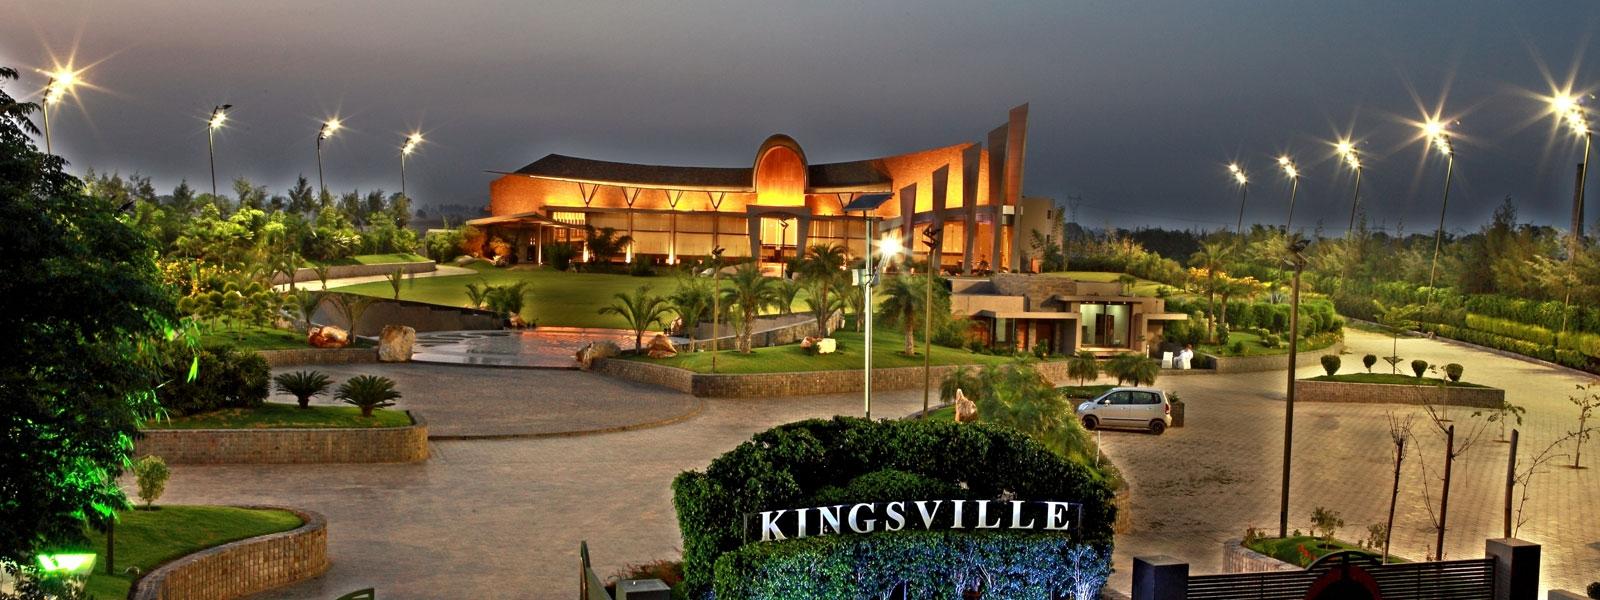 Kings ville (@kings_ville) Cover Image